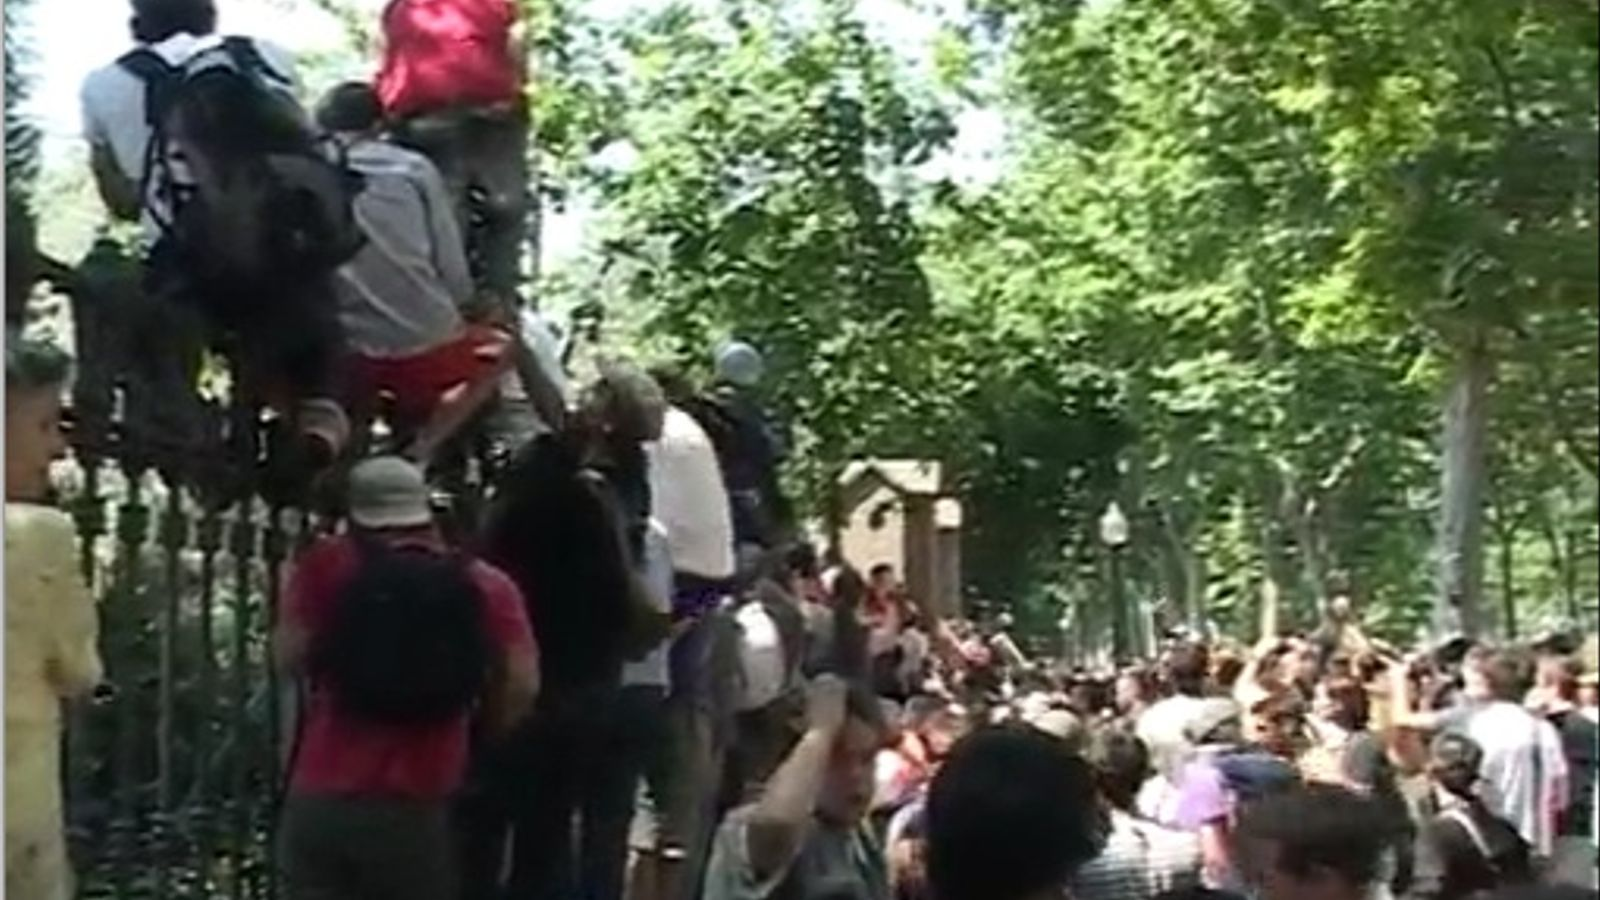 Els indignats llancen objectes als antiavalots mentre es retiren del Parc de la Ciutadella